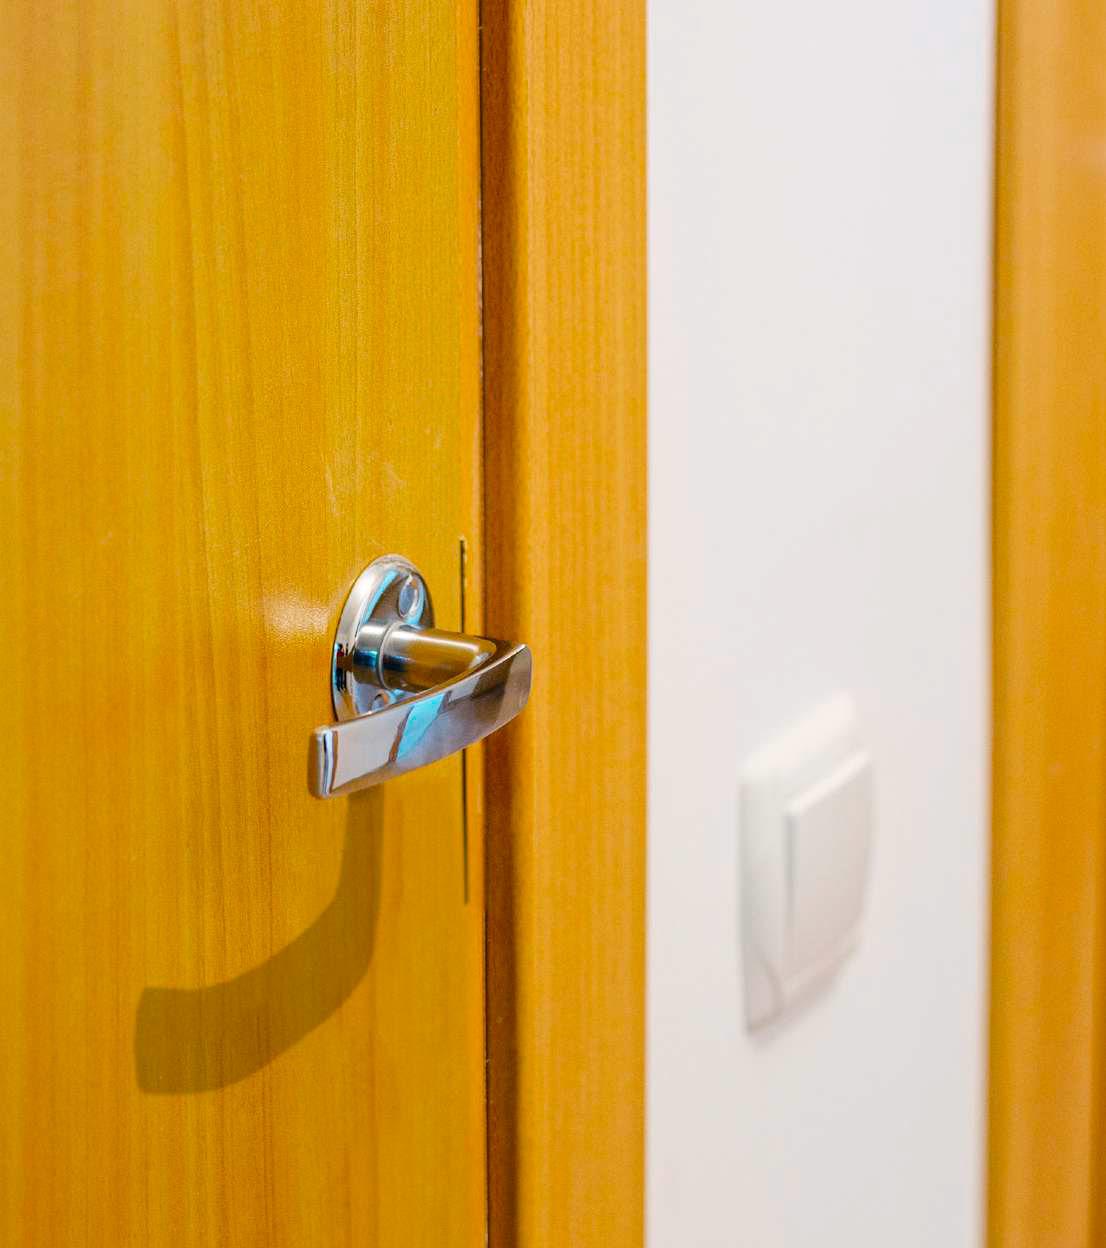 Межкомнатные двери оснащены ручками и фиксаторами замков